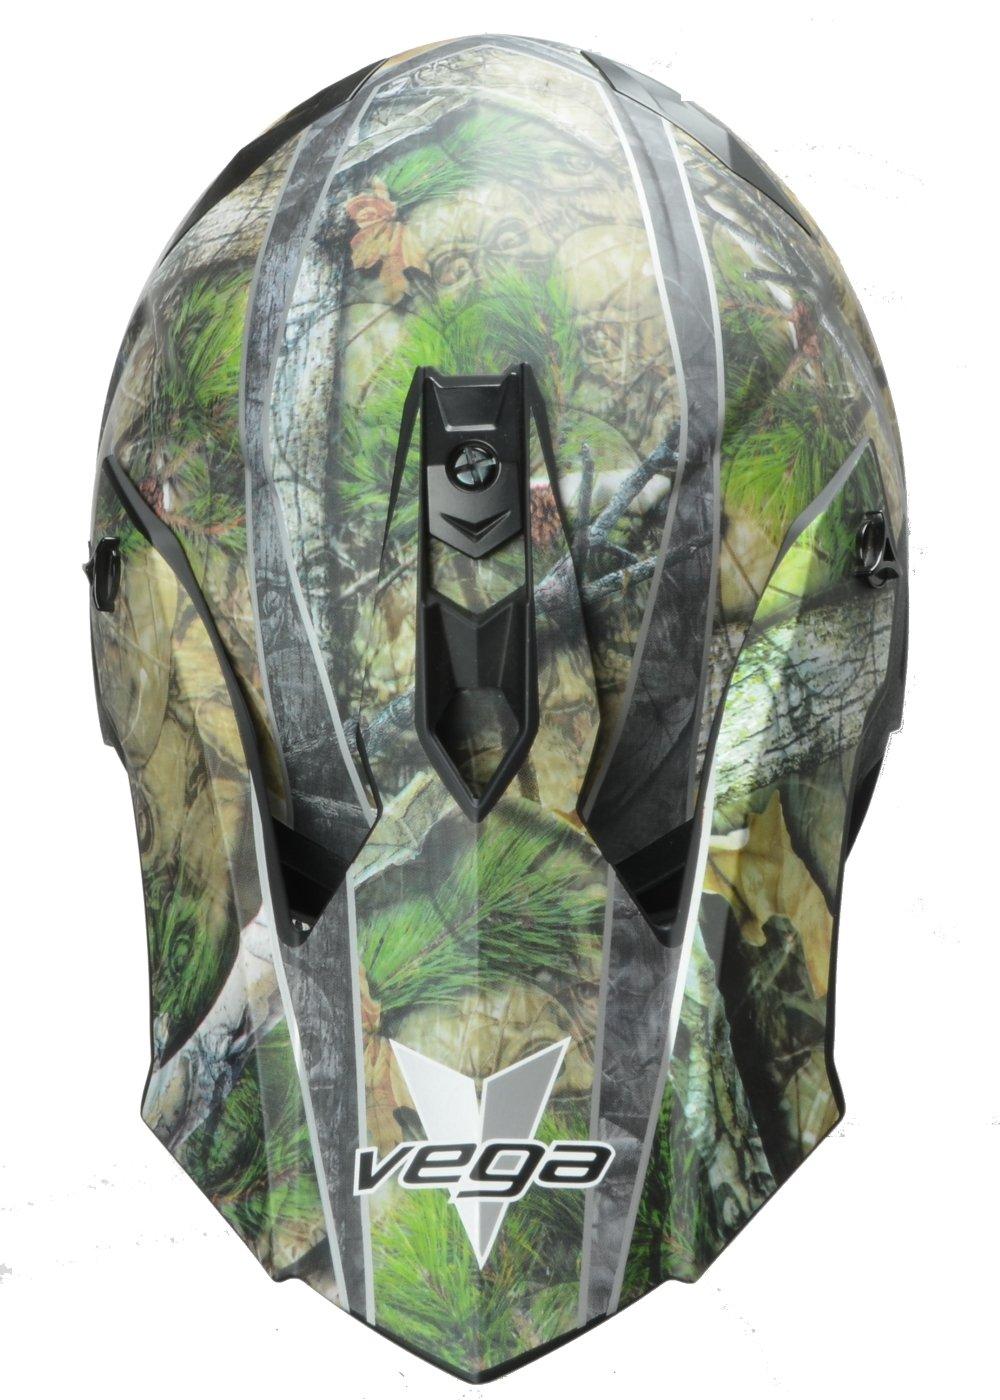 Vega Helmets VF1 Lightweight Dirt Bike Helmet – Off-Road Full Face Helmet for ATV Motocross MX Enduro Quad Sport, 5 Year Warranty (Skull Camo, X-Large) by Vega Helmets (Image #3)